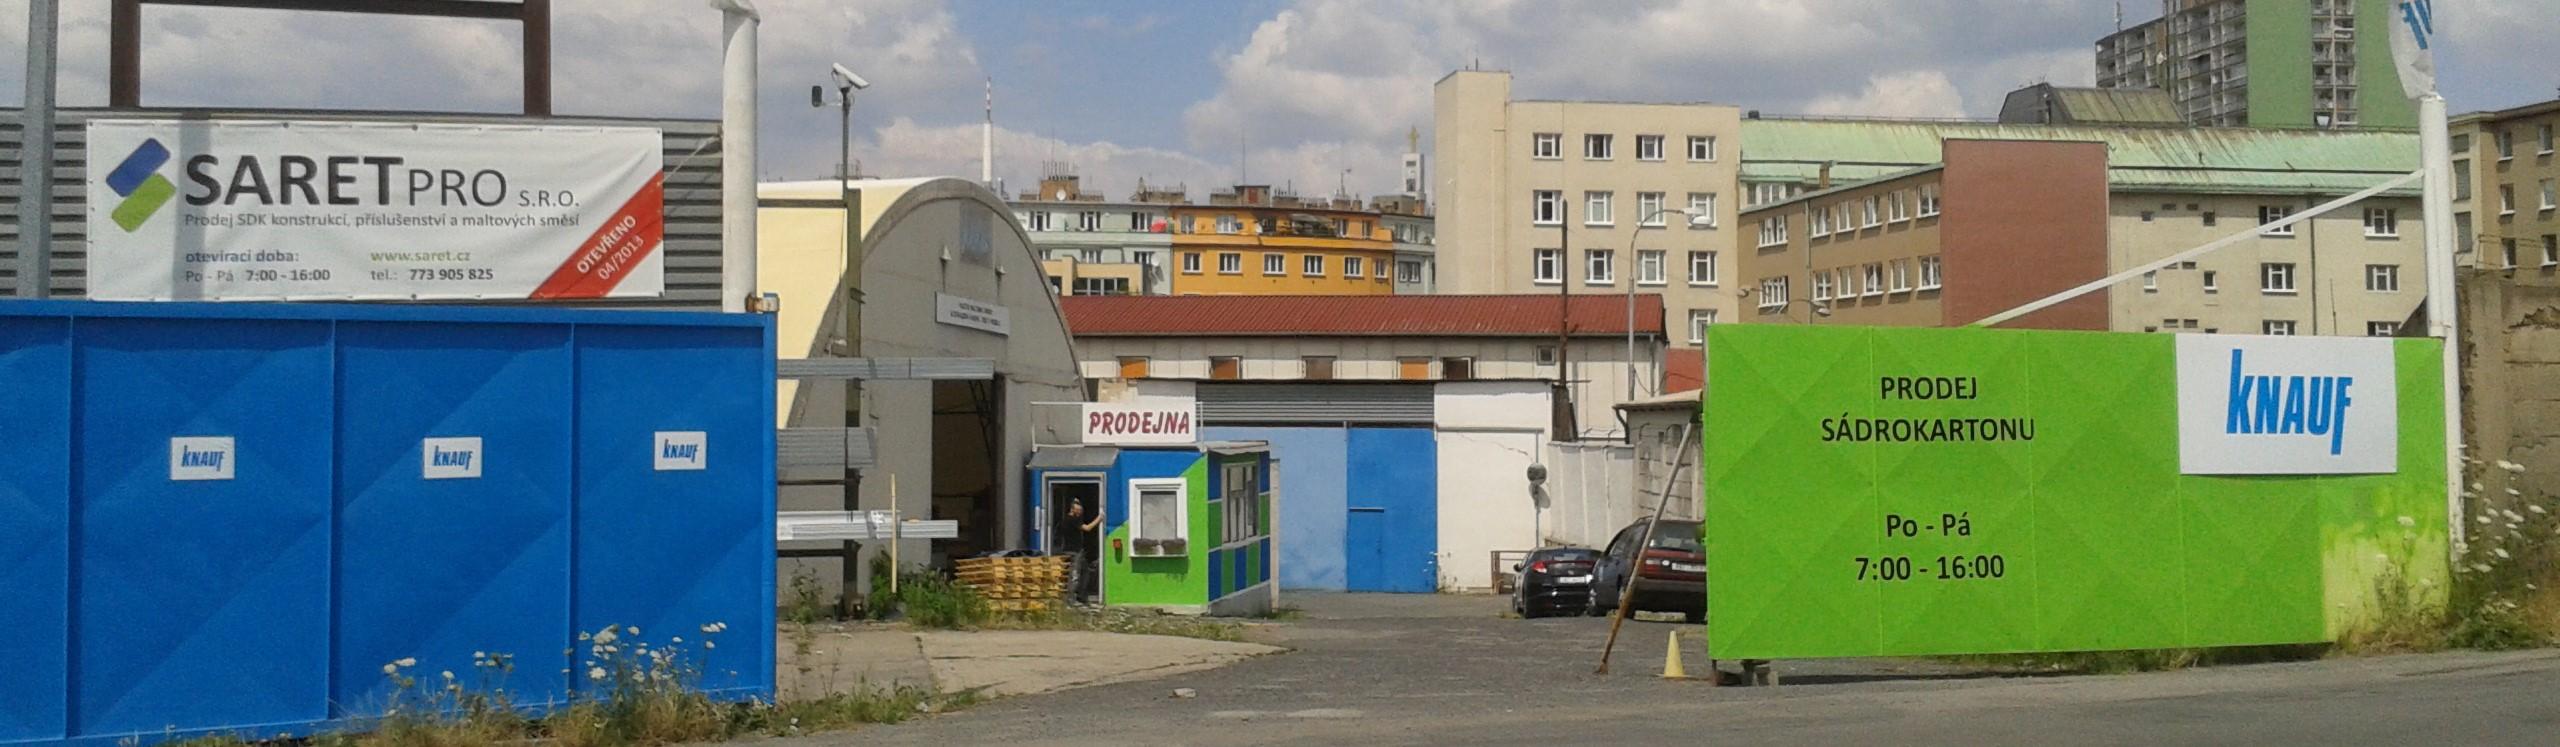 prodej_led_osvetleni_do_sadrokartonu_spoluprace_osvetleni_praha_toplux